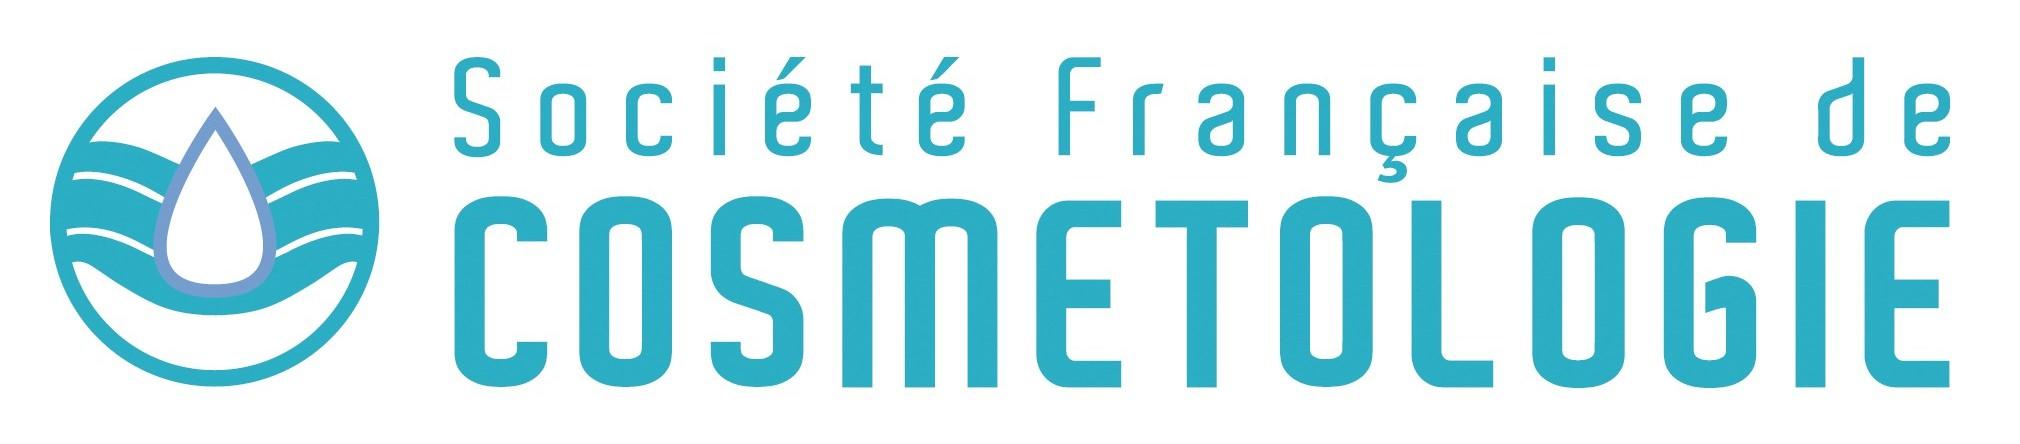 Société Française de Cosmétologie